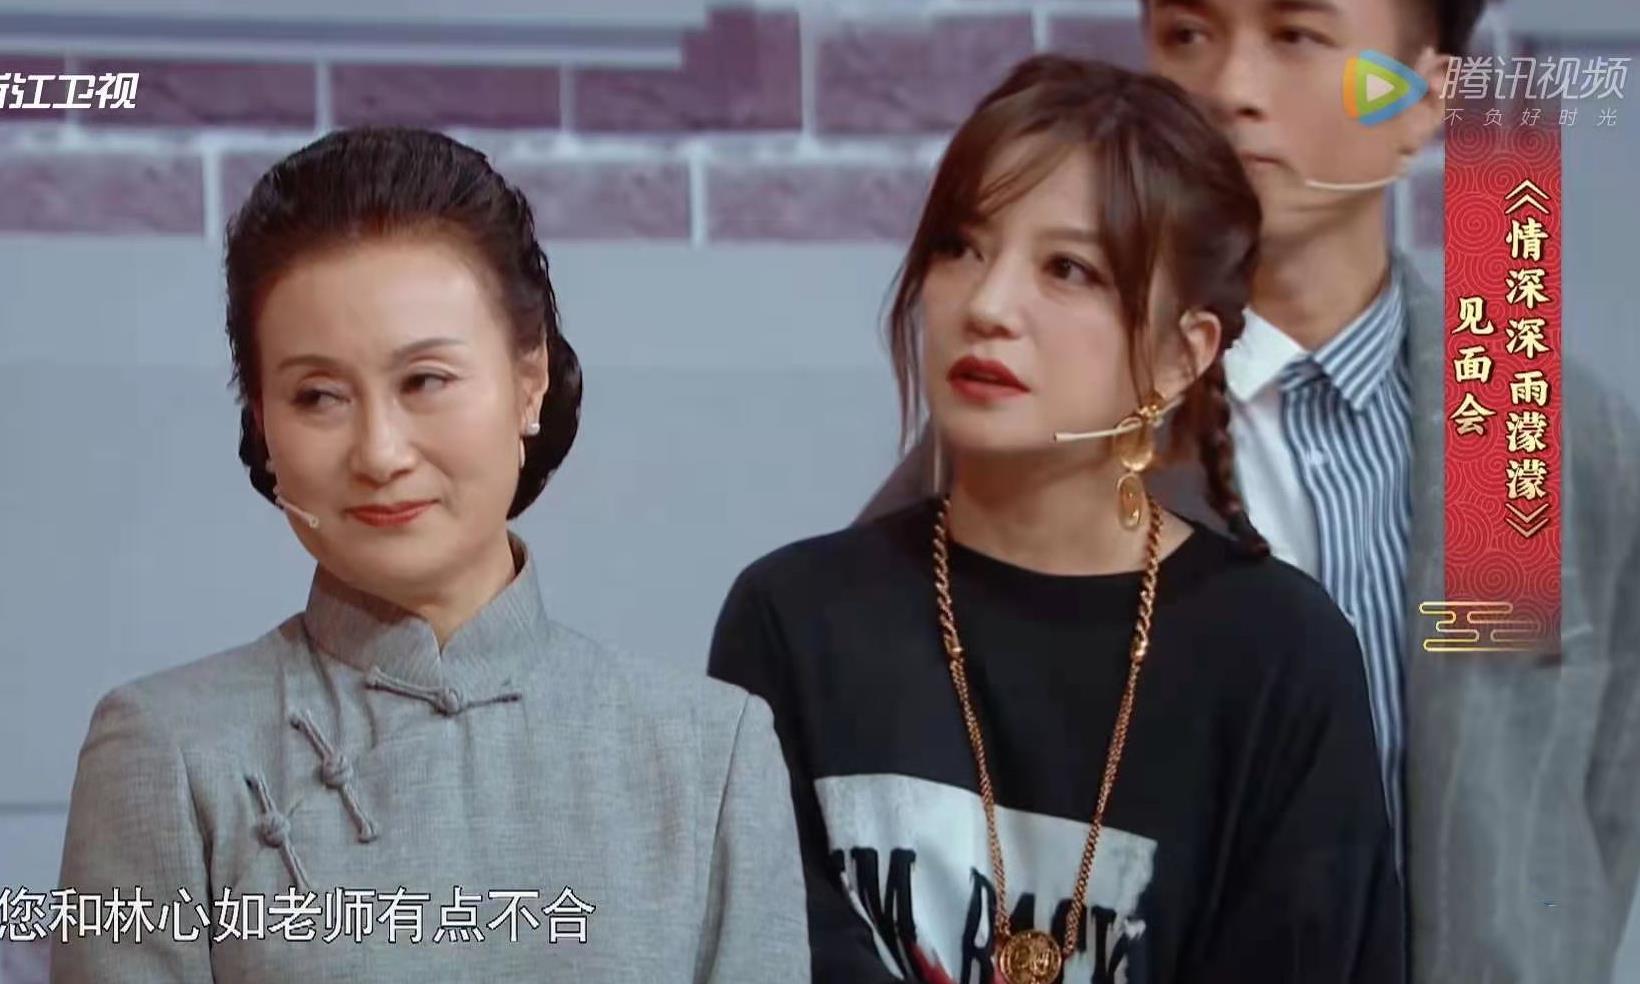 当着人家吴奇隆的面,说自己看走眼了,赵薇你的高情商呢